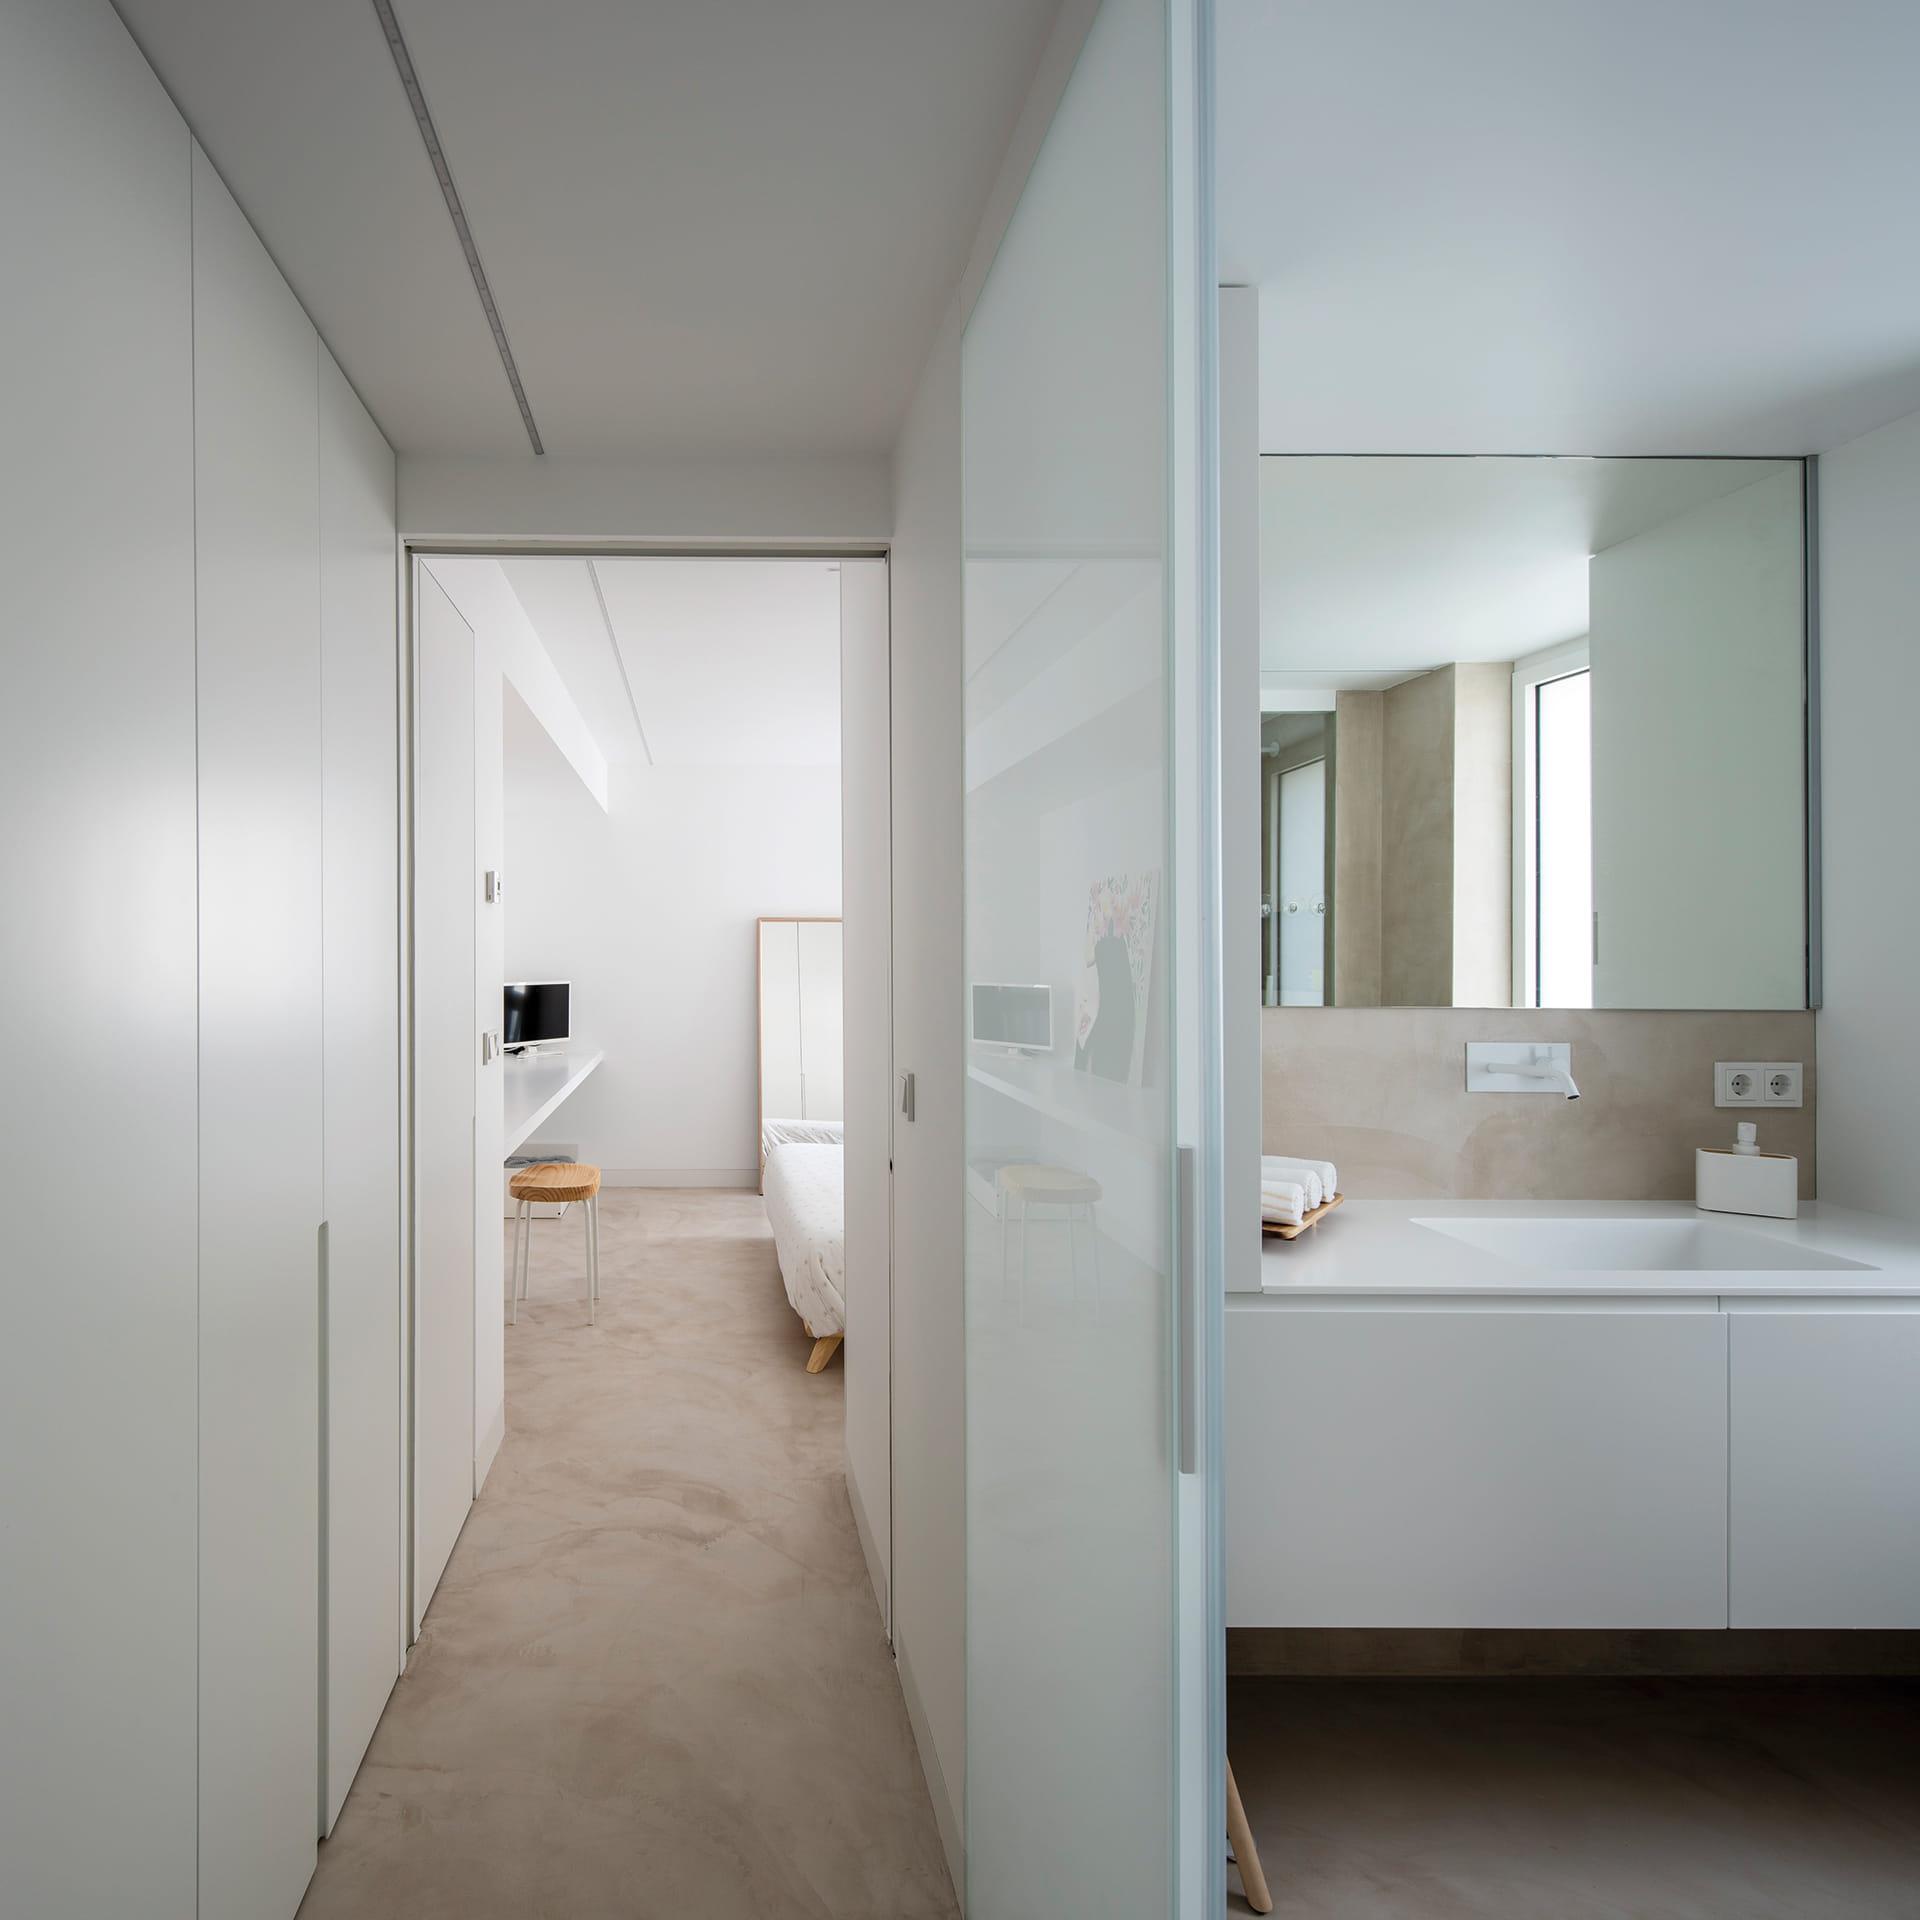 Baño de vivienda con muebles blancos